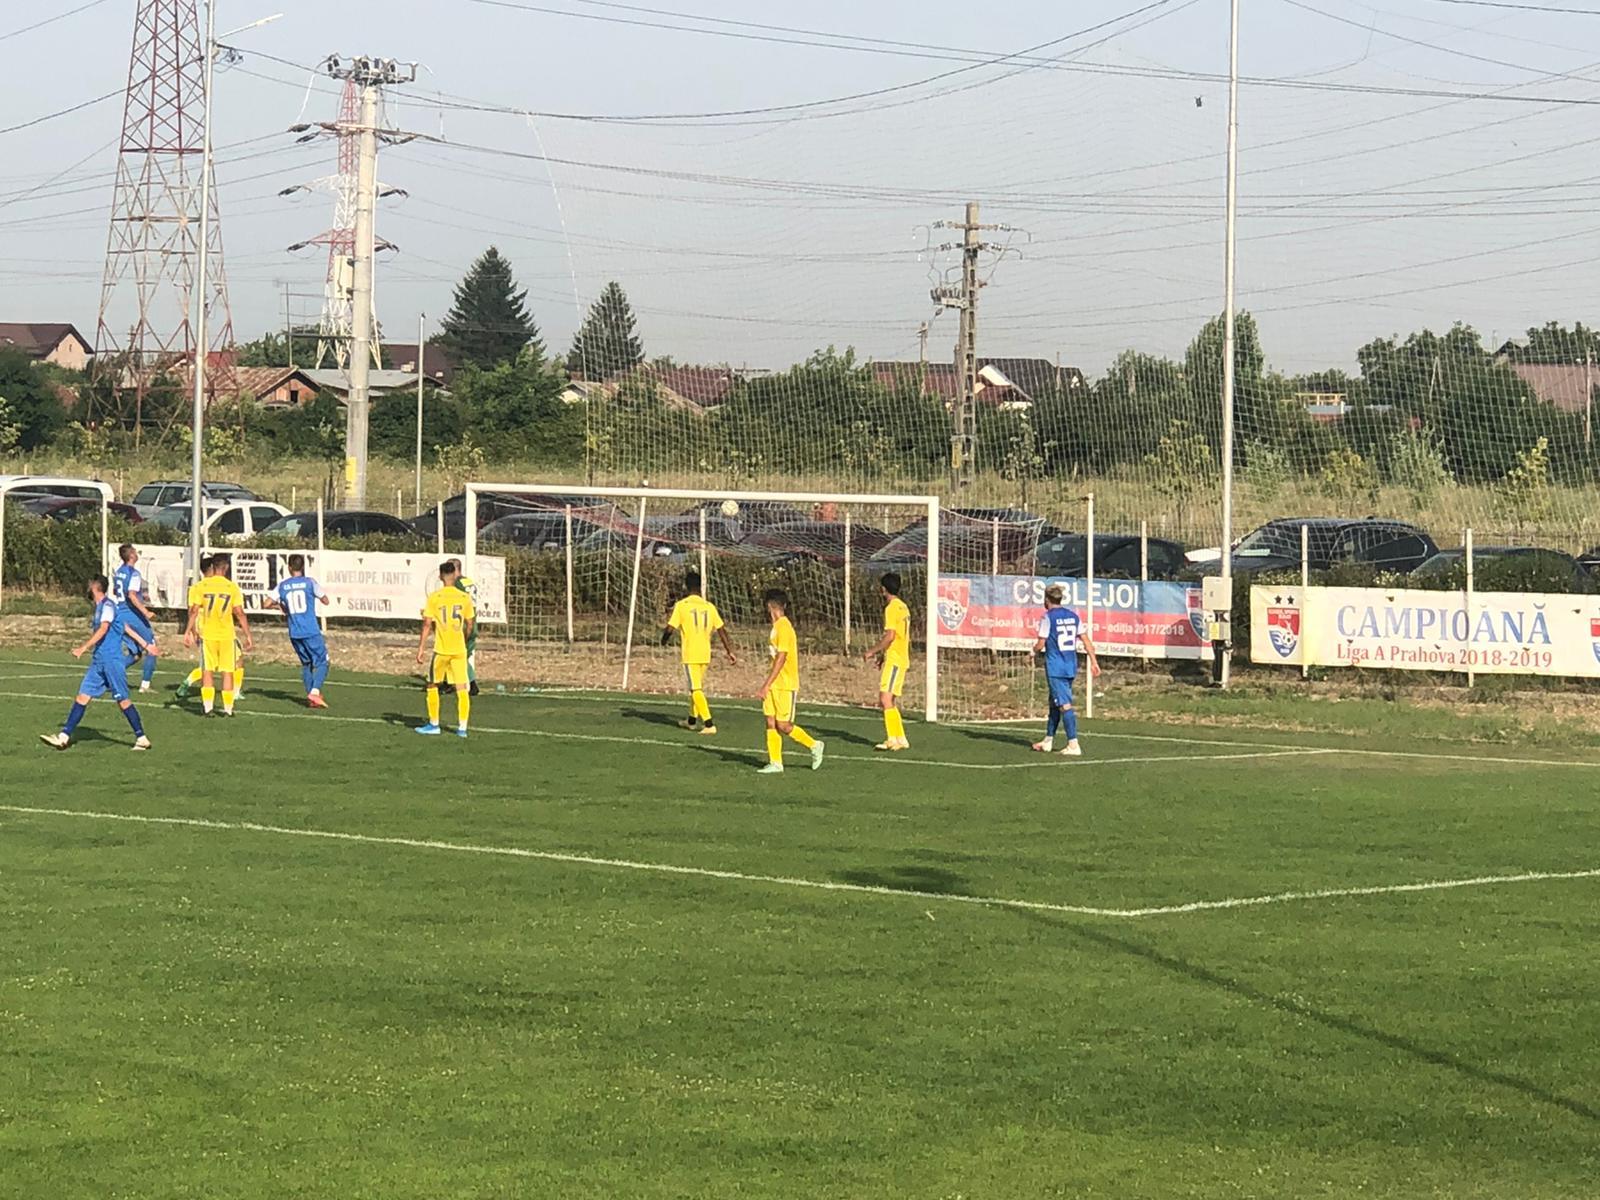 Cu suport consistent din sectorul juvenil de la ACS Petrolul '52, cea mai bine clasată echipă prahoveană din Liga a III-a în sezonul trecut, CS Blejoi, și-a făcut echipă de play-off. Dar dacă o fi chiar de… promovare, ce s-ar zice?